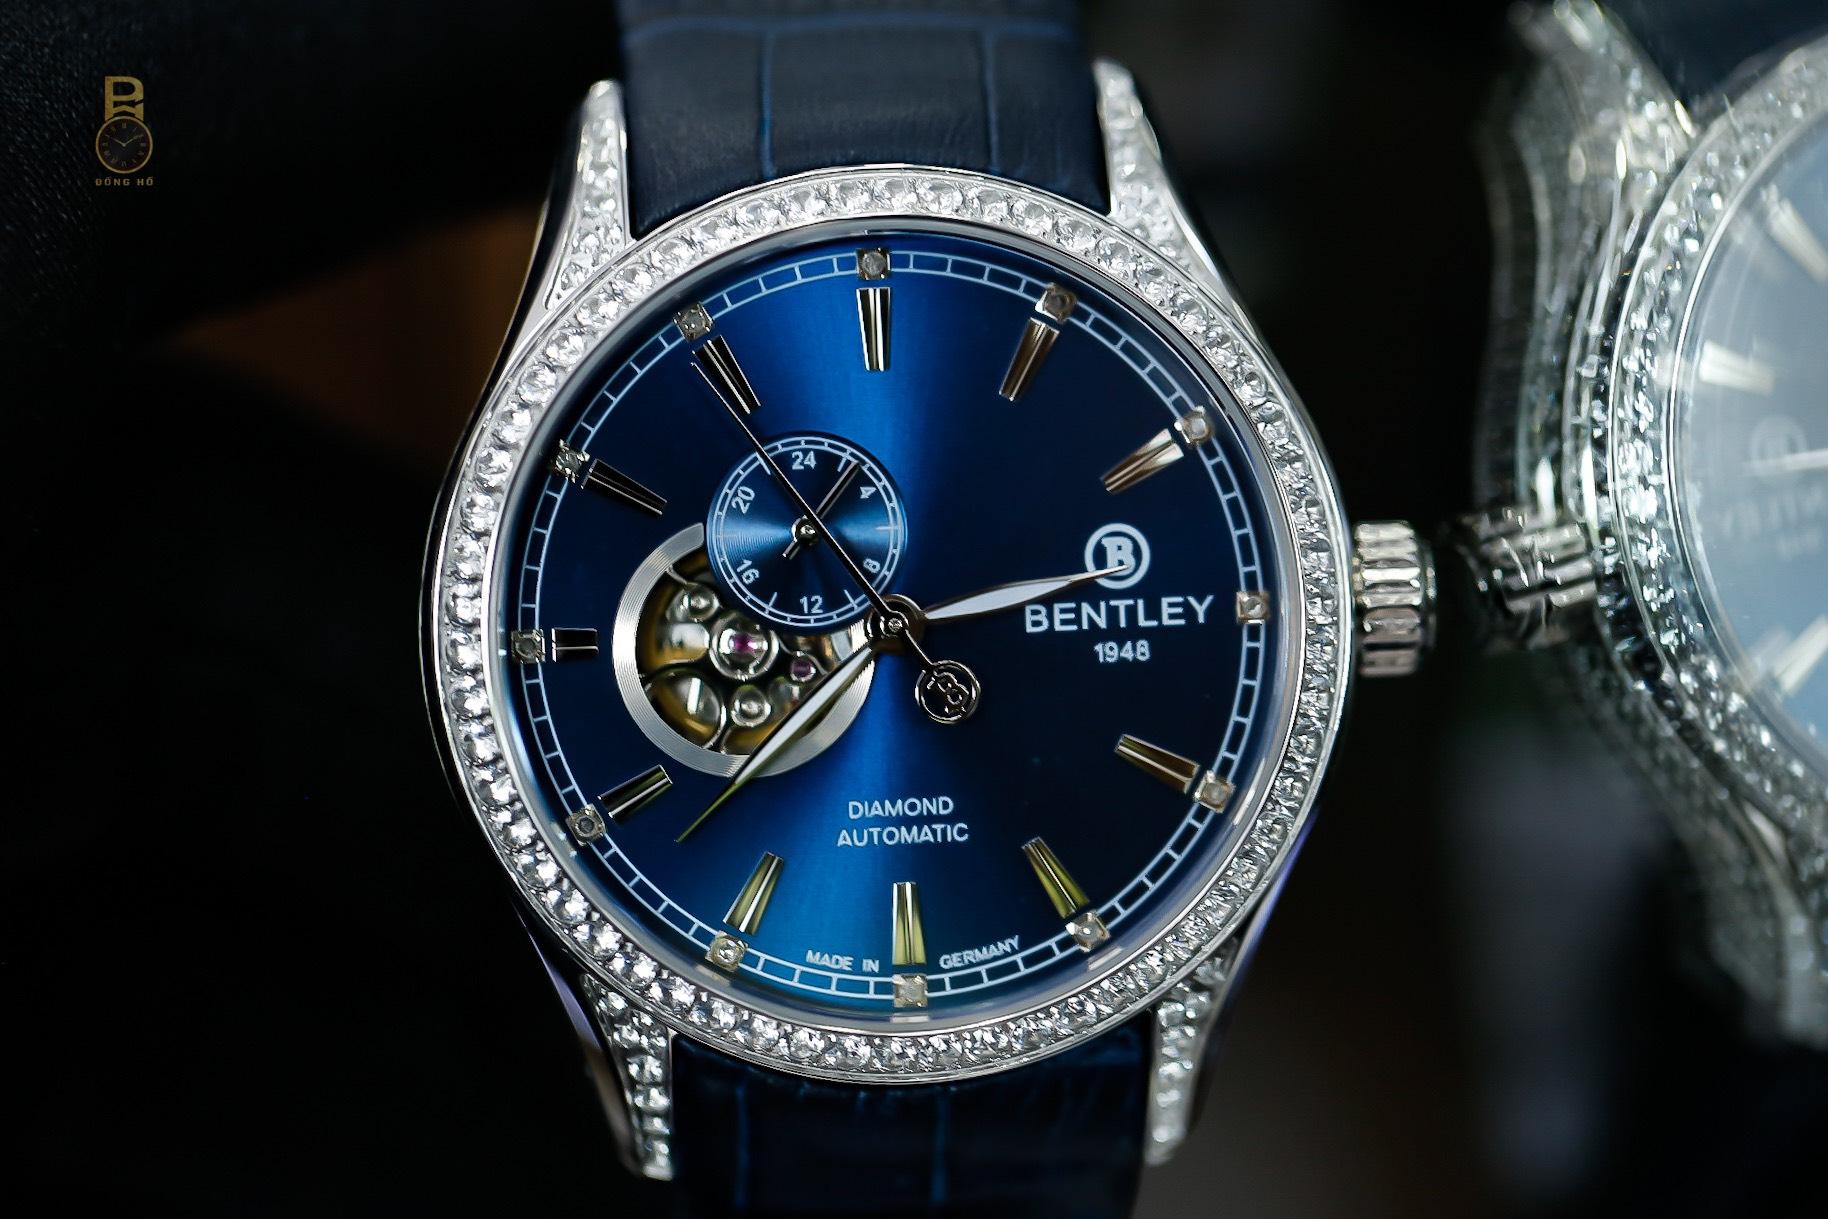 Tổng quan về thương hiệu đồng hồ Bentley